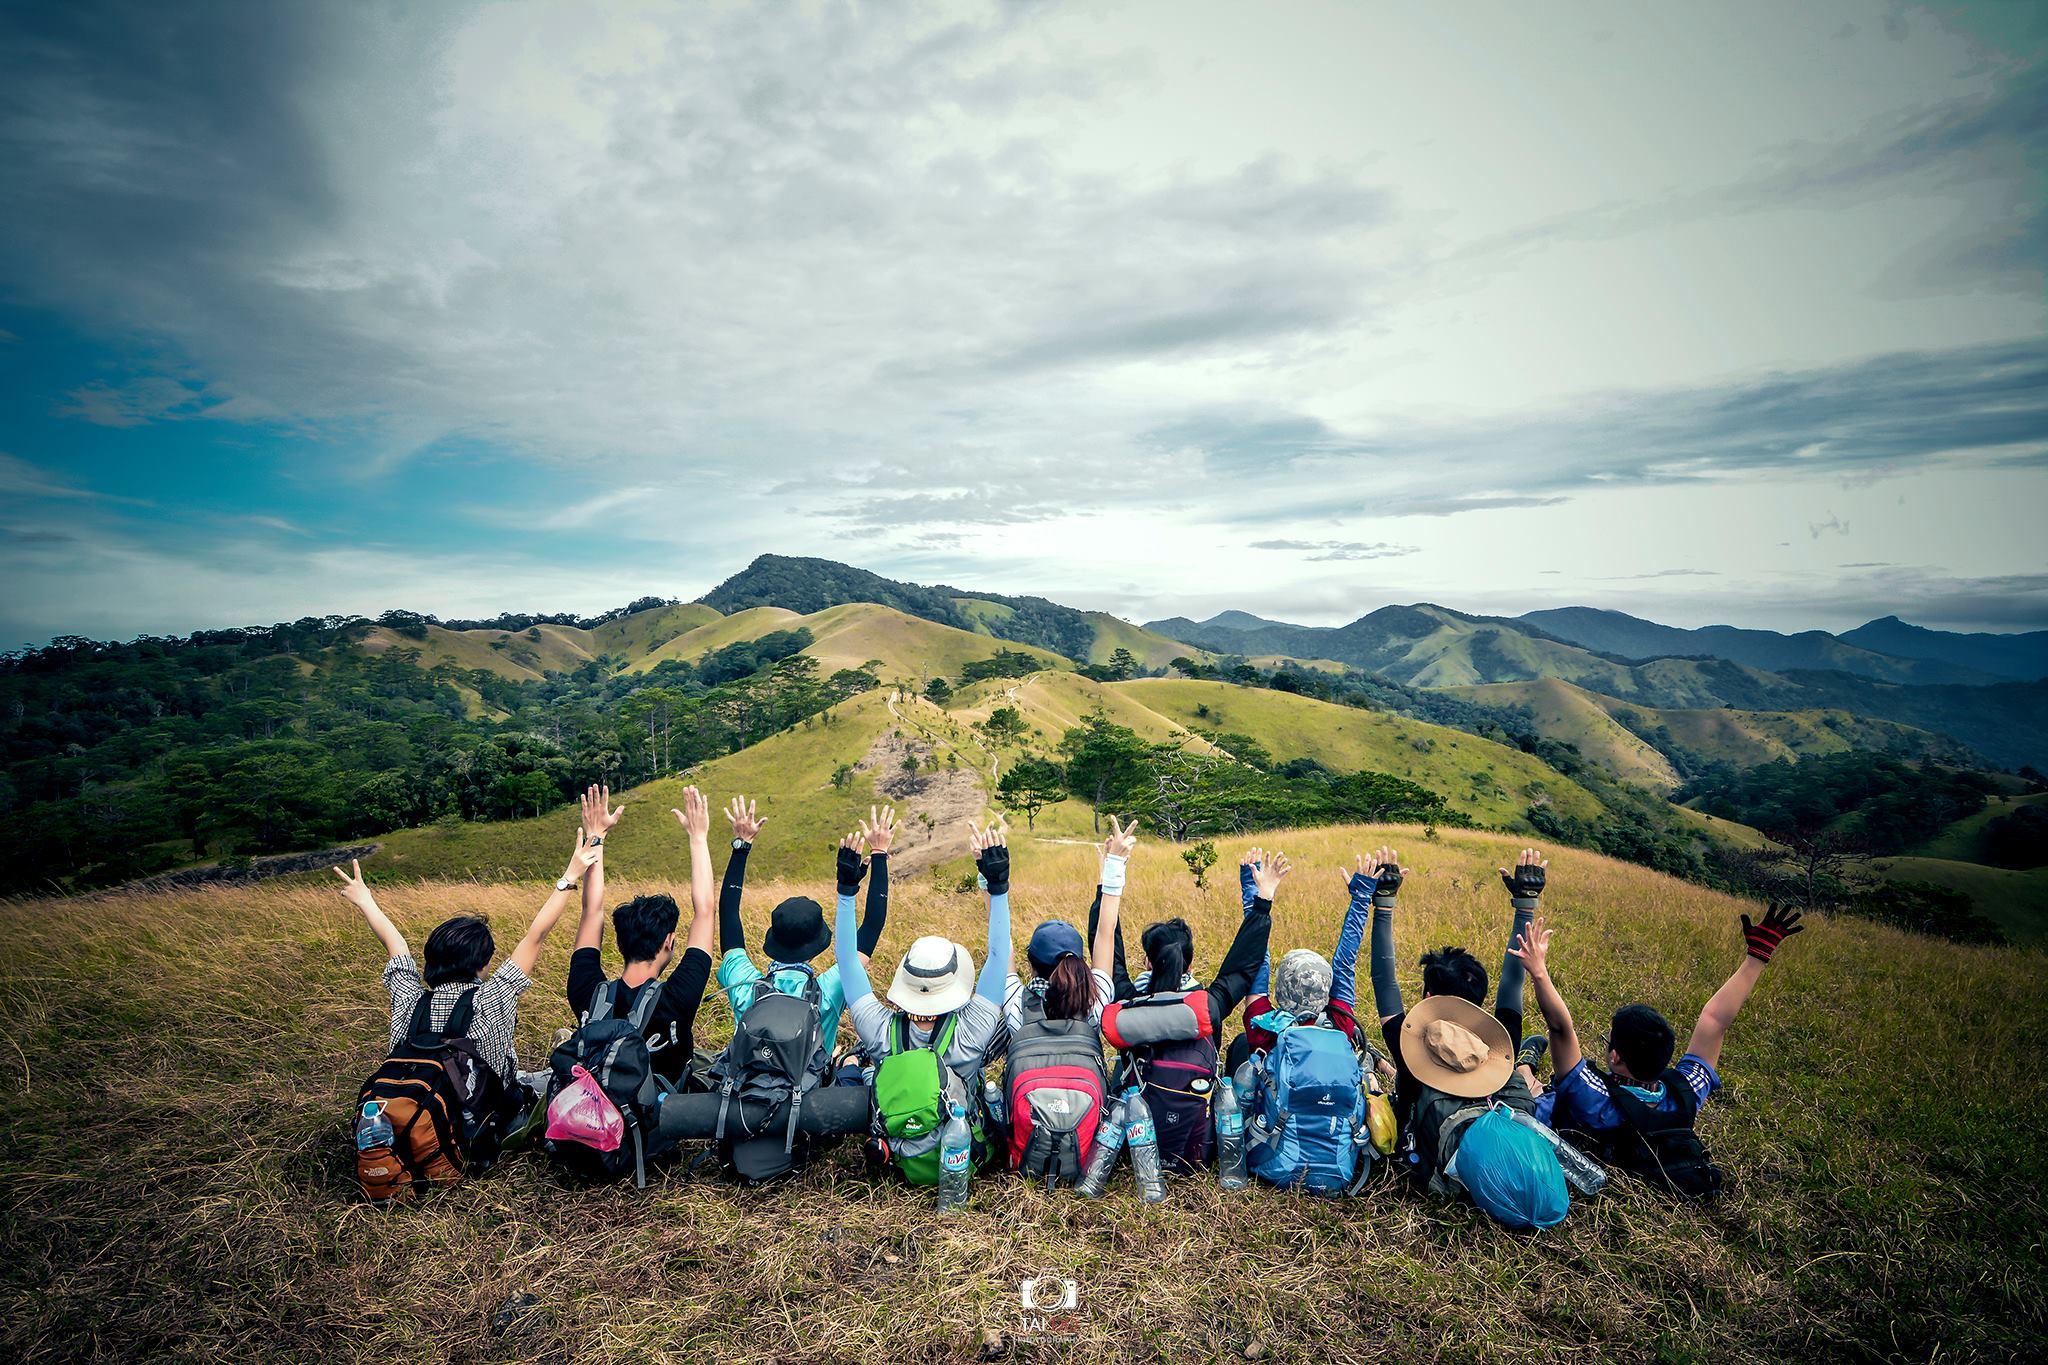 """Tà Năng Phan Dũng là tour trekking rất đáng để rủ """"đồng bọn"""" tham gia"""